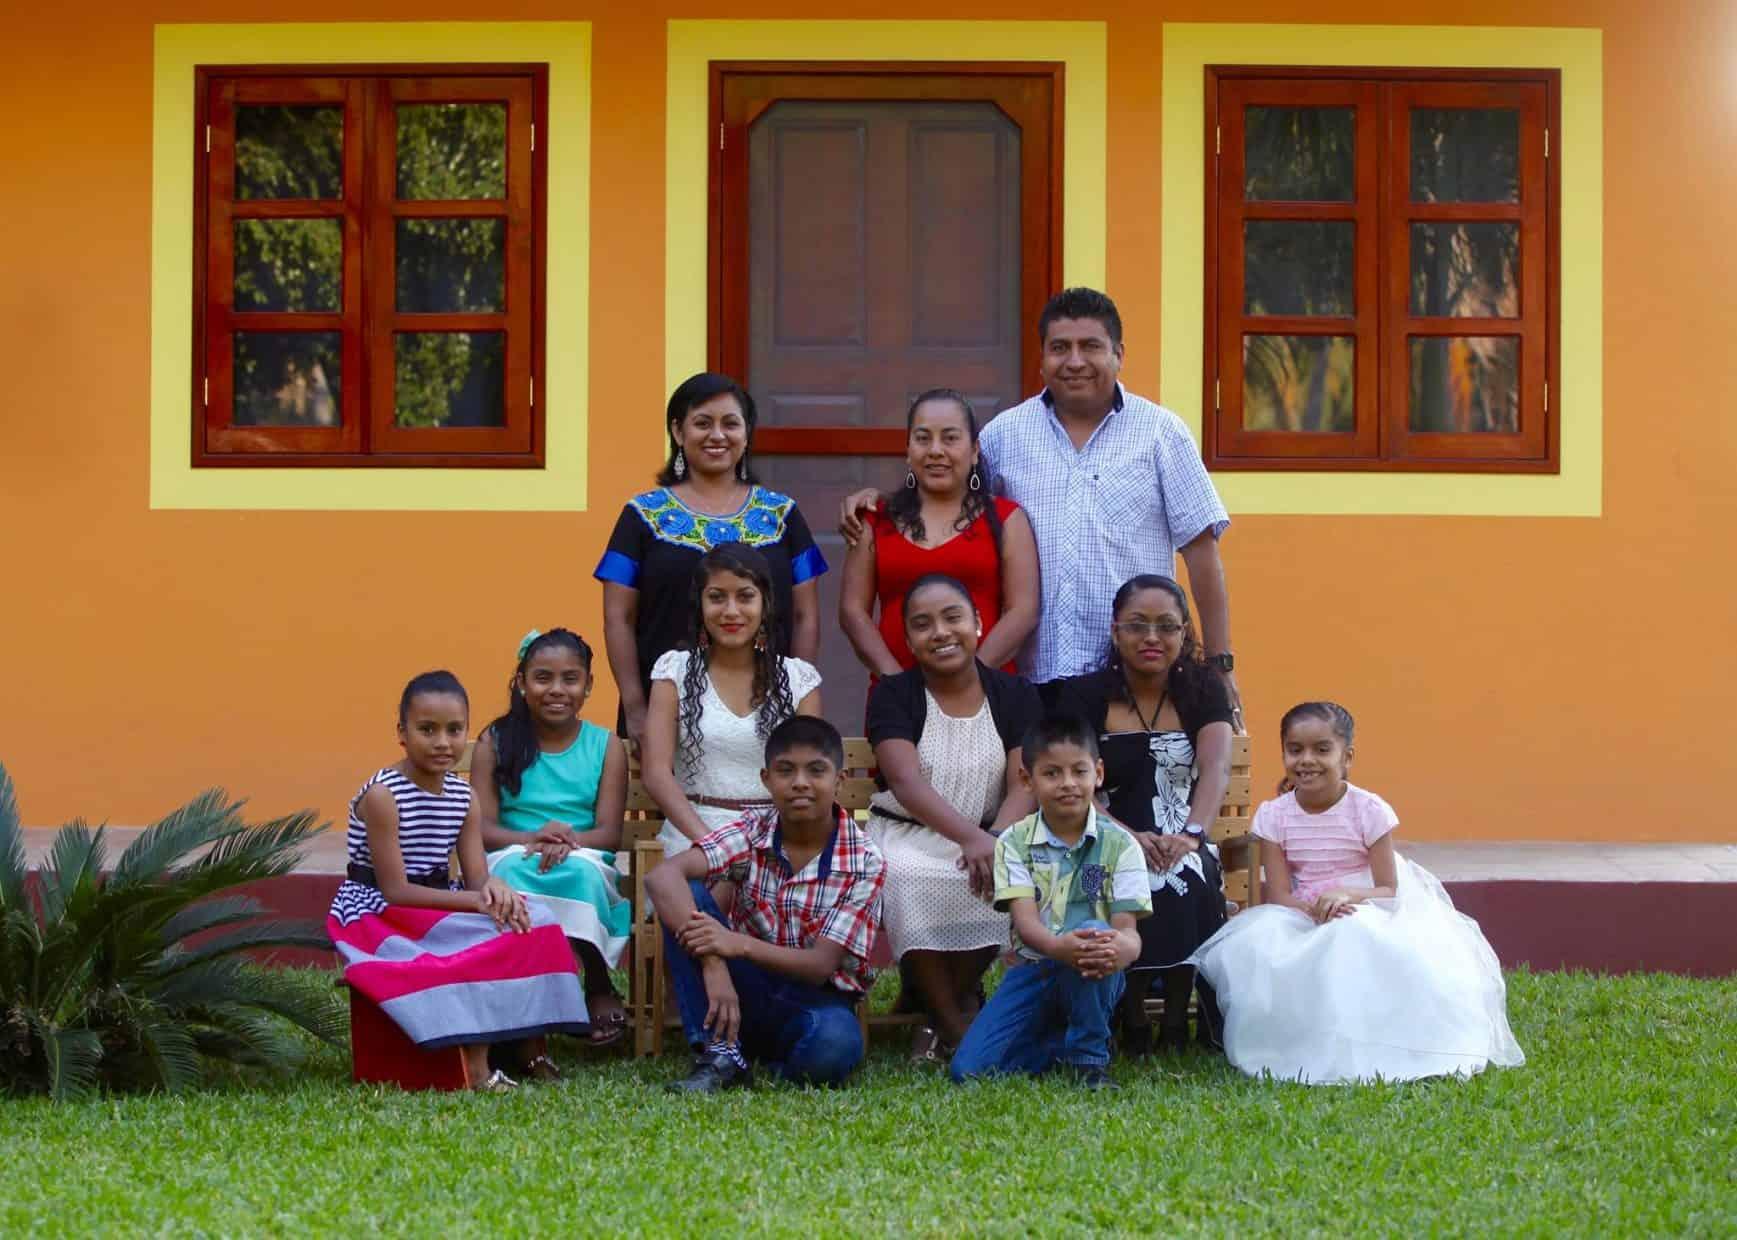 Casa Hogar - children's home roca blanca mission base